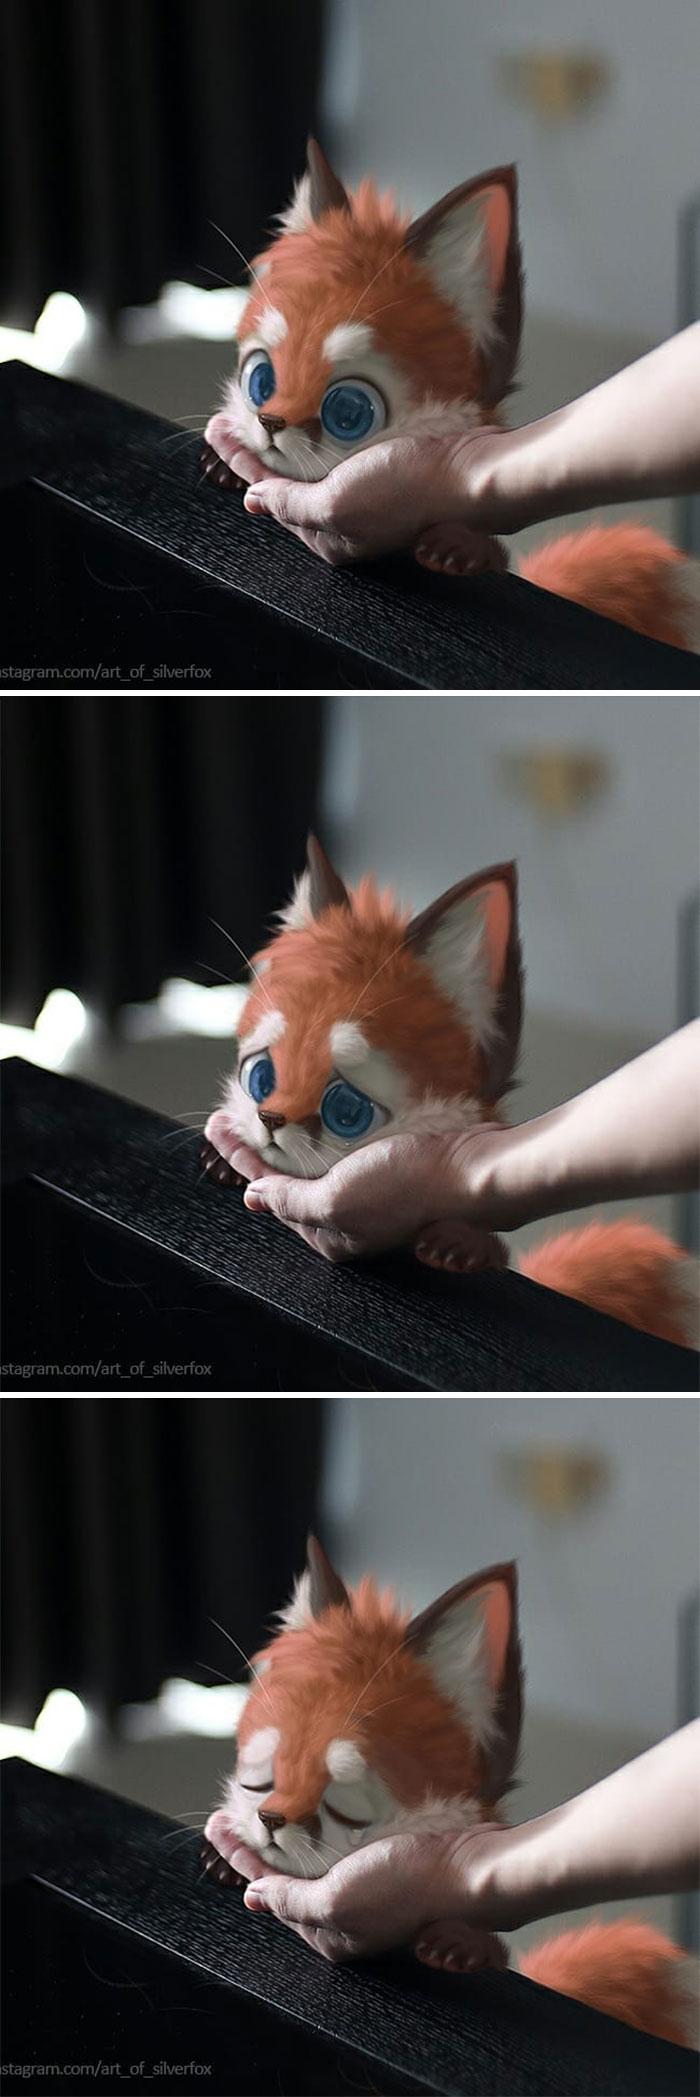 Illustrations du renard le plus mignon du monde 12